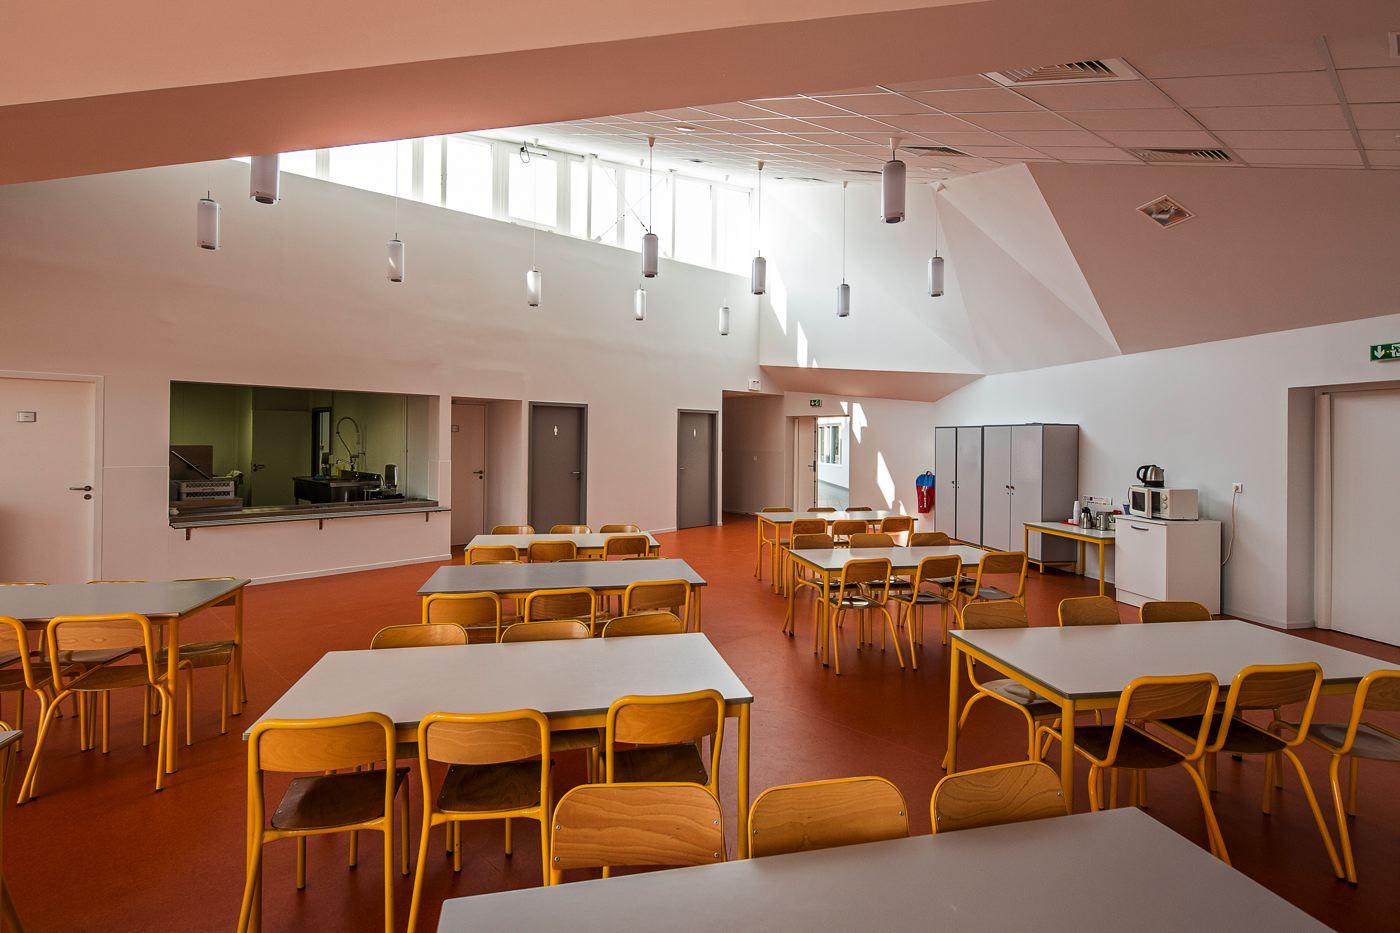 LDKphoto-EFarchi-Groupe scolaire Templeuve-057.jpg